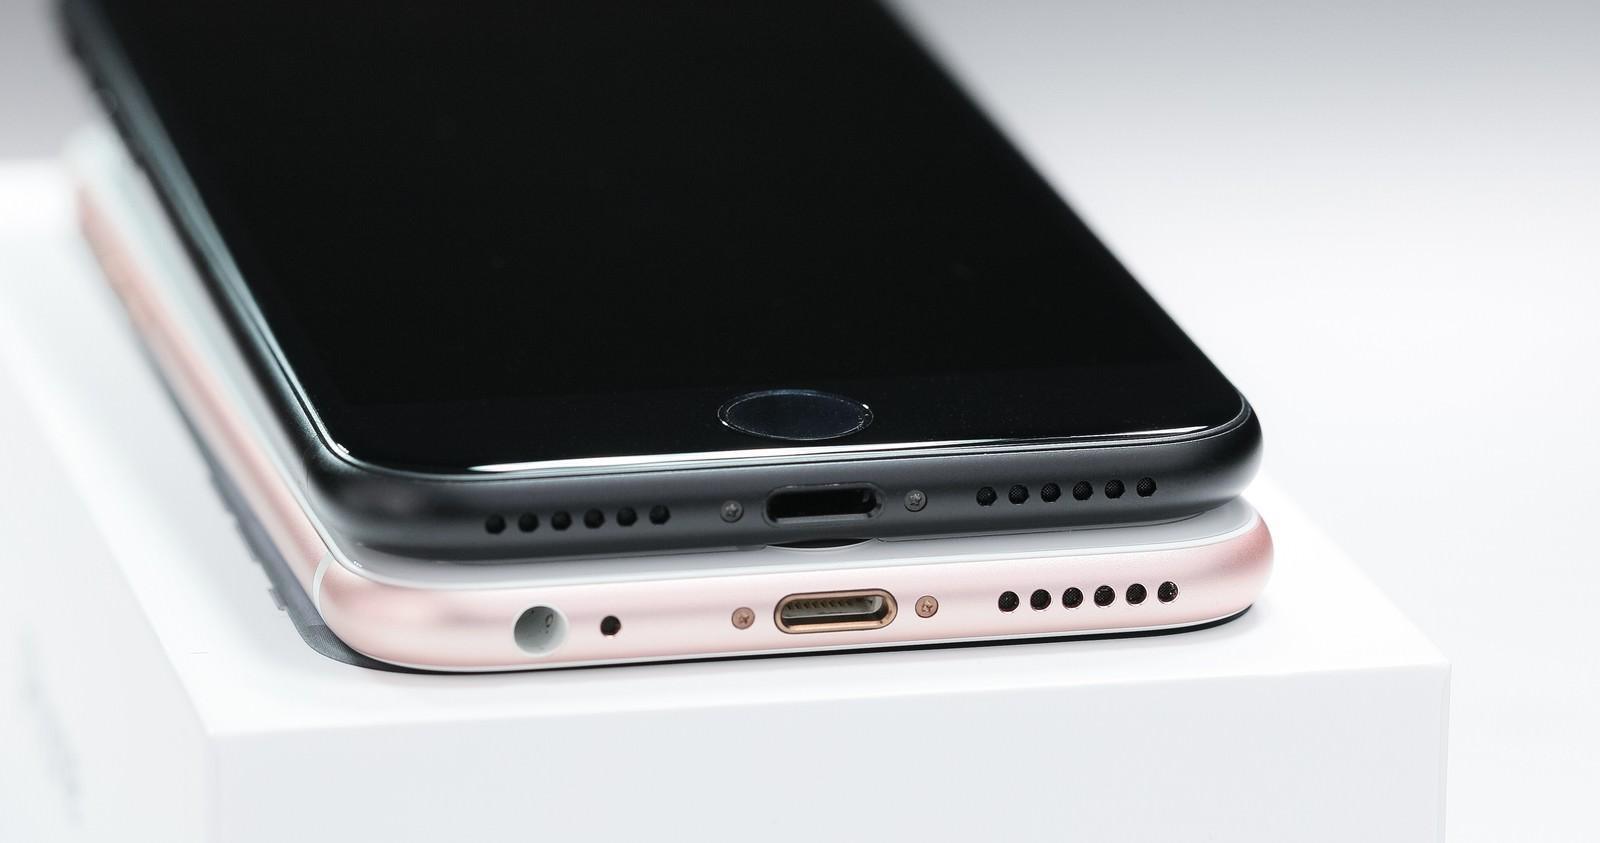 「スマートフォンのステレオスピーカーの比較」の写真